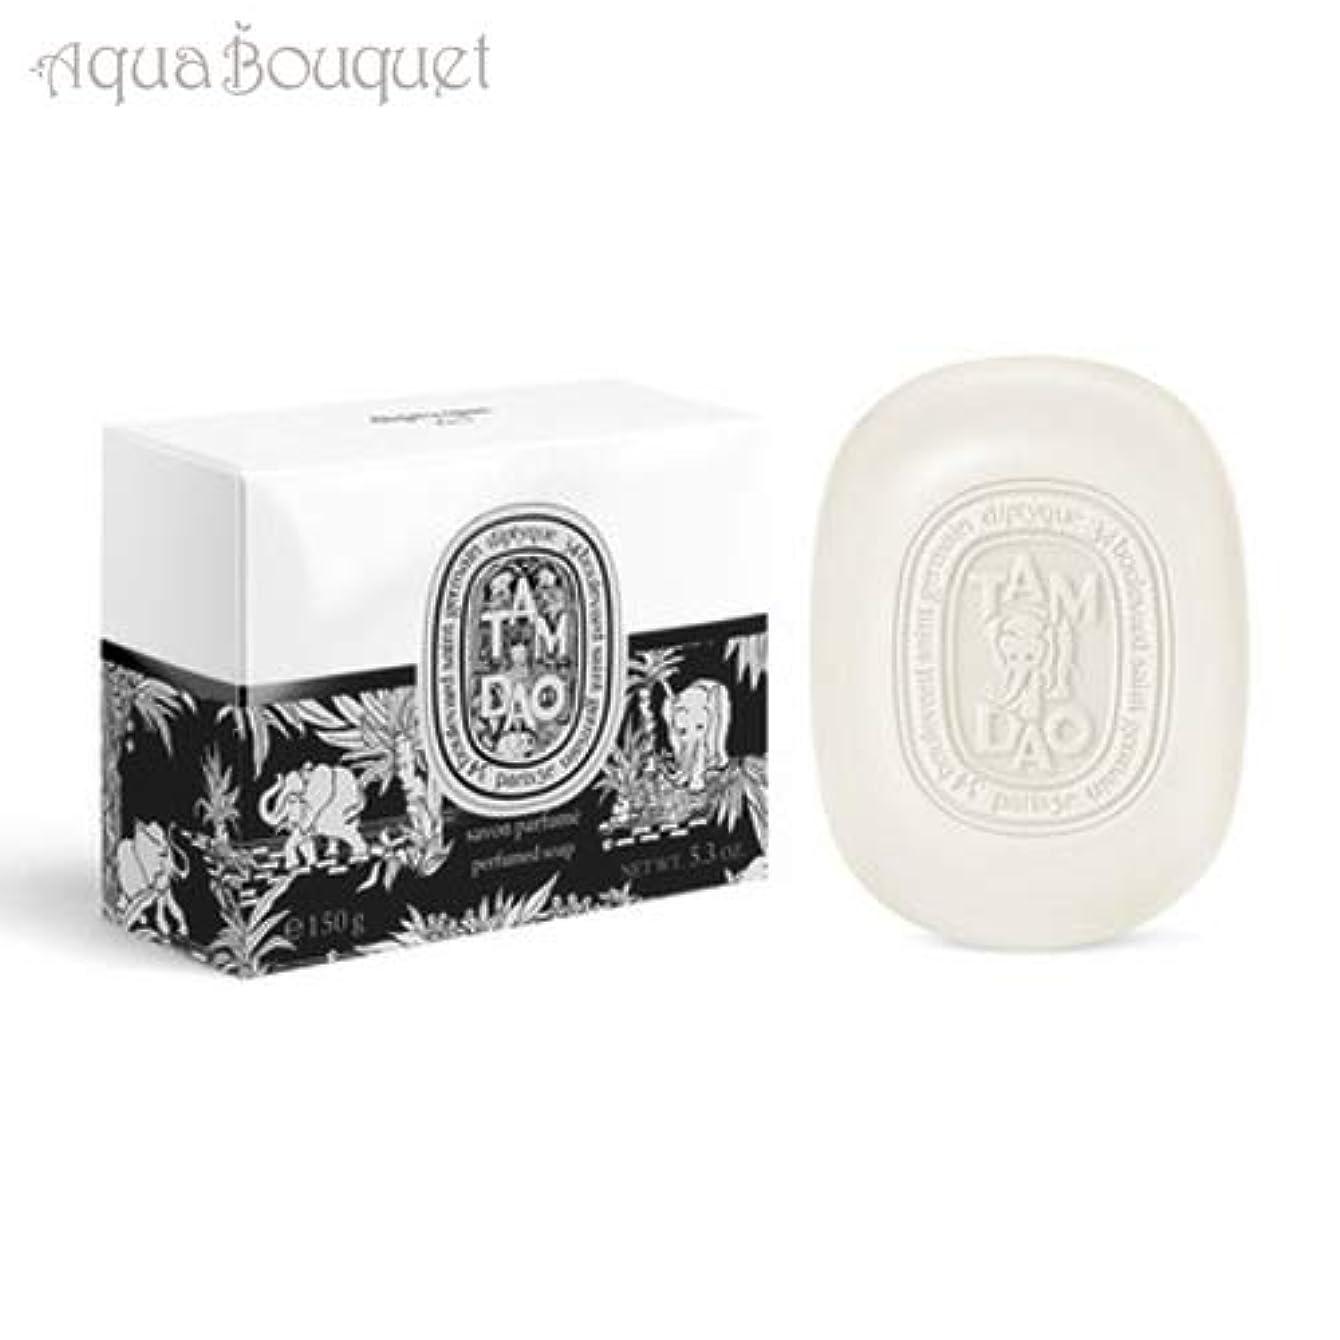 だらしないクレデンシャル変換するディプティック タムダオ ソープ 150g DIPTYQUE TAMDAO PERFUMED SOAP [8289] [並行輸入品]